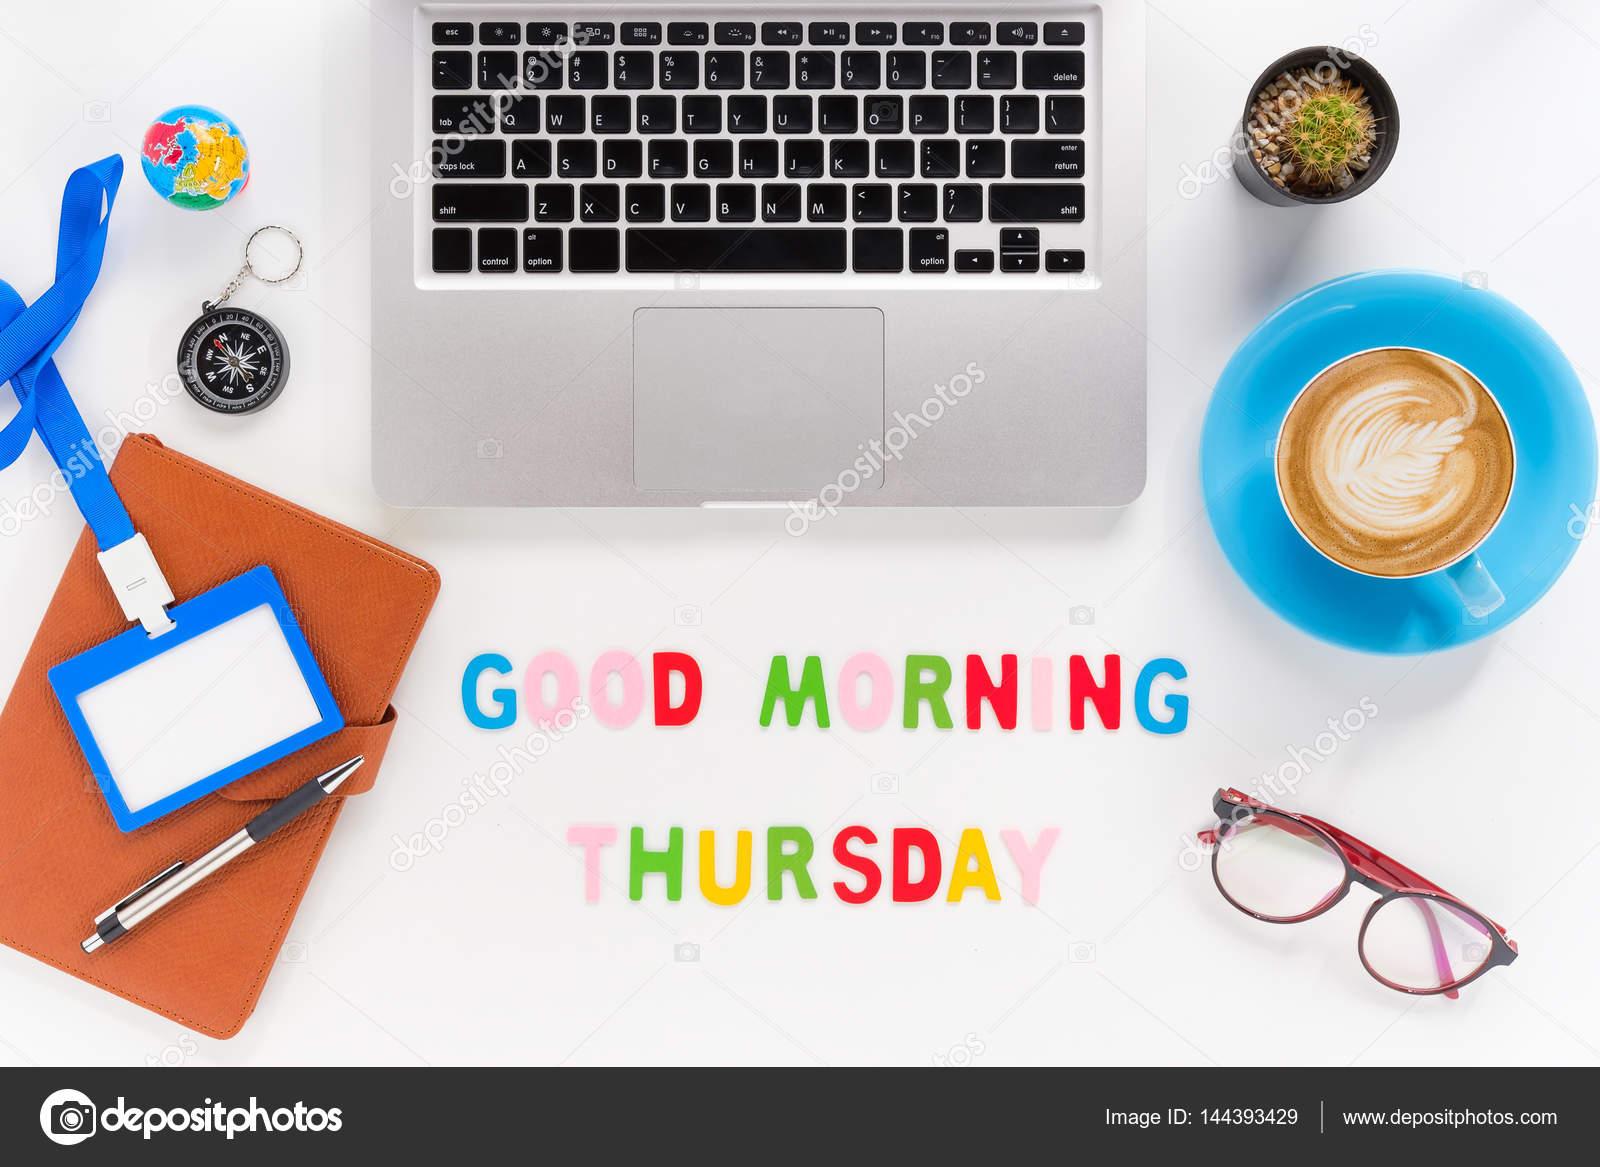 Bildunterschrift Wort Guten Morgen Donnerstag Stockfoto